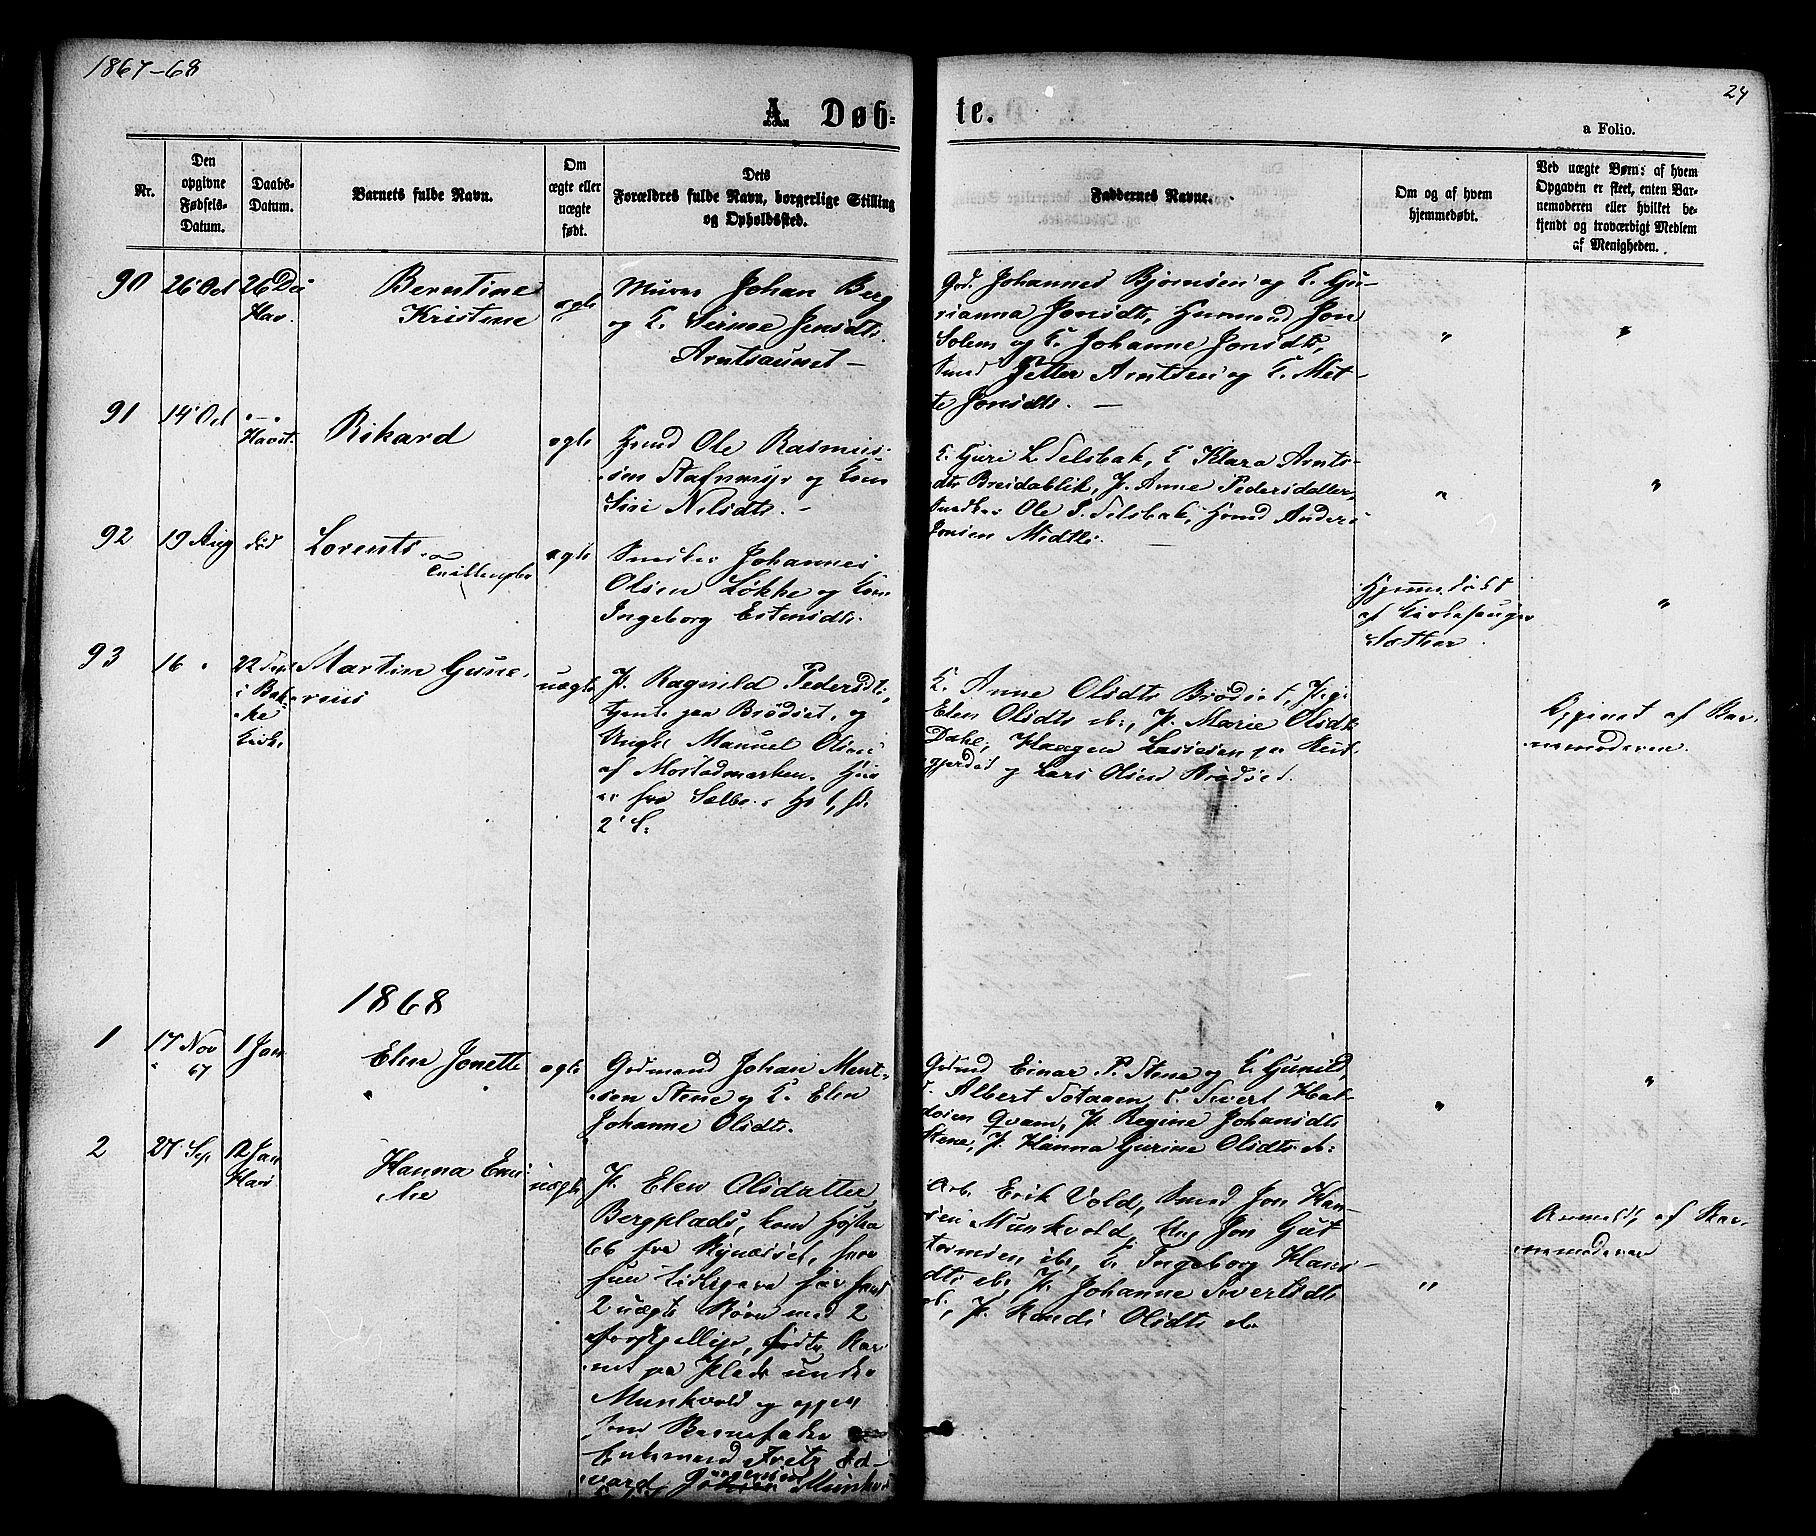 SAT, Ministerialprotokoller, klokkerbøker og fødselsregistre - Sør-Trøndelag, 606/L0293: Ministerialbok nr. 606A08, 1866-1877, s. 24